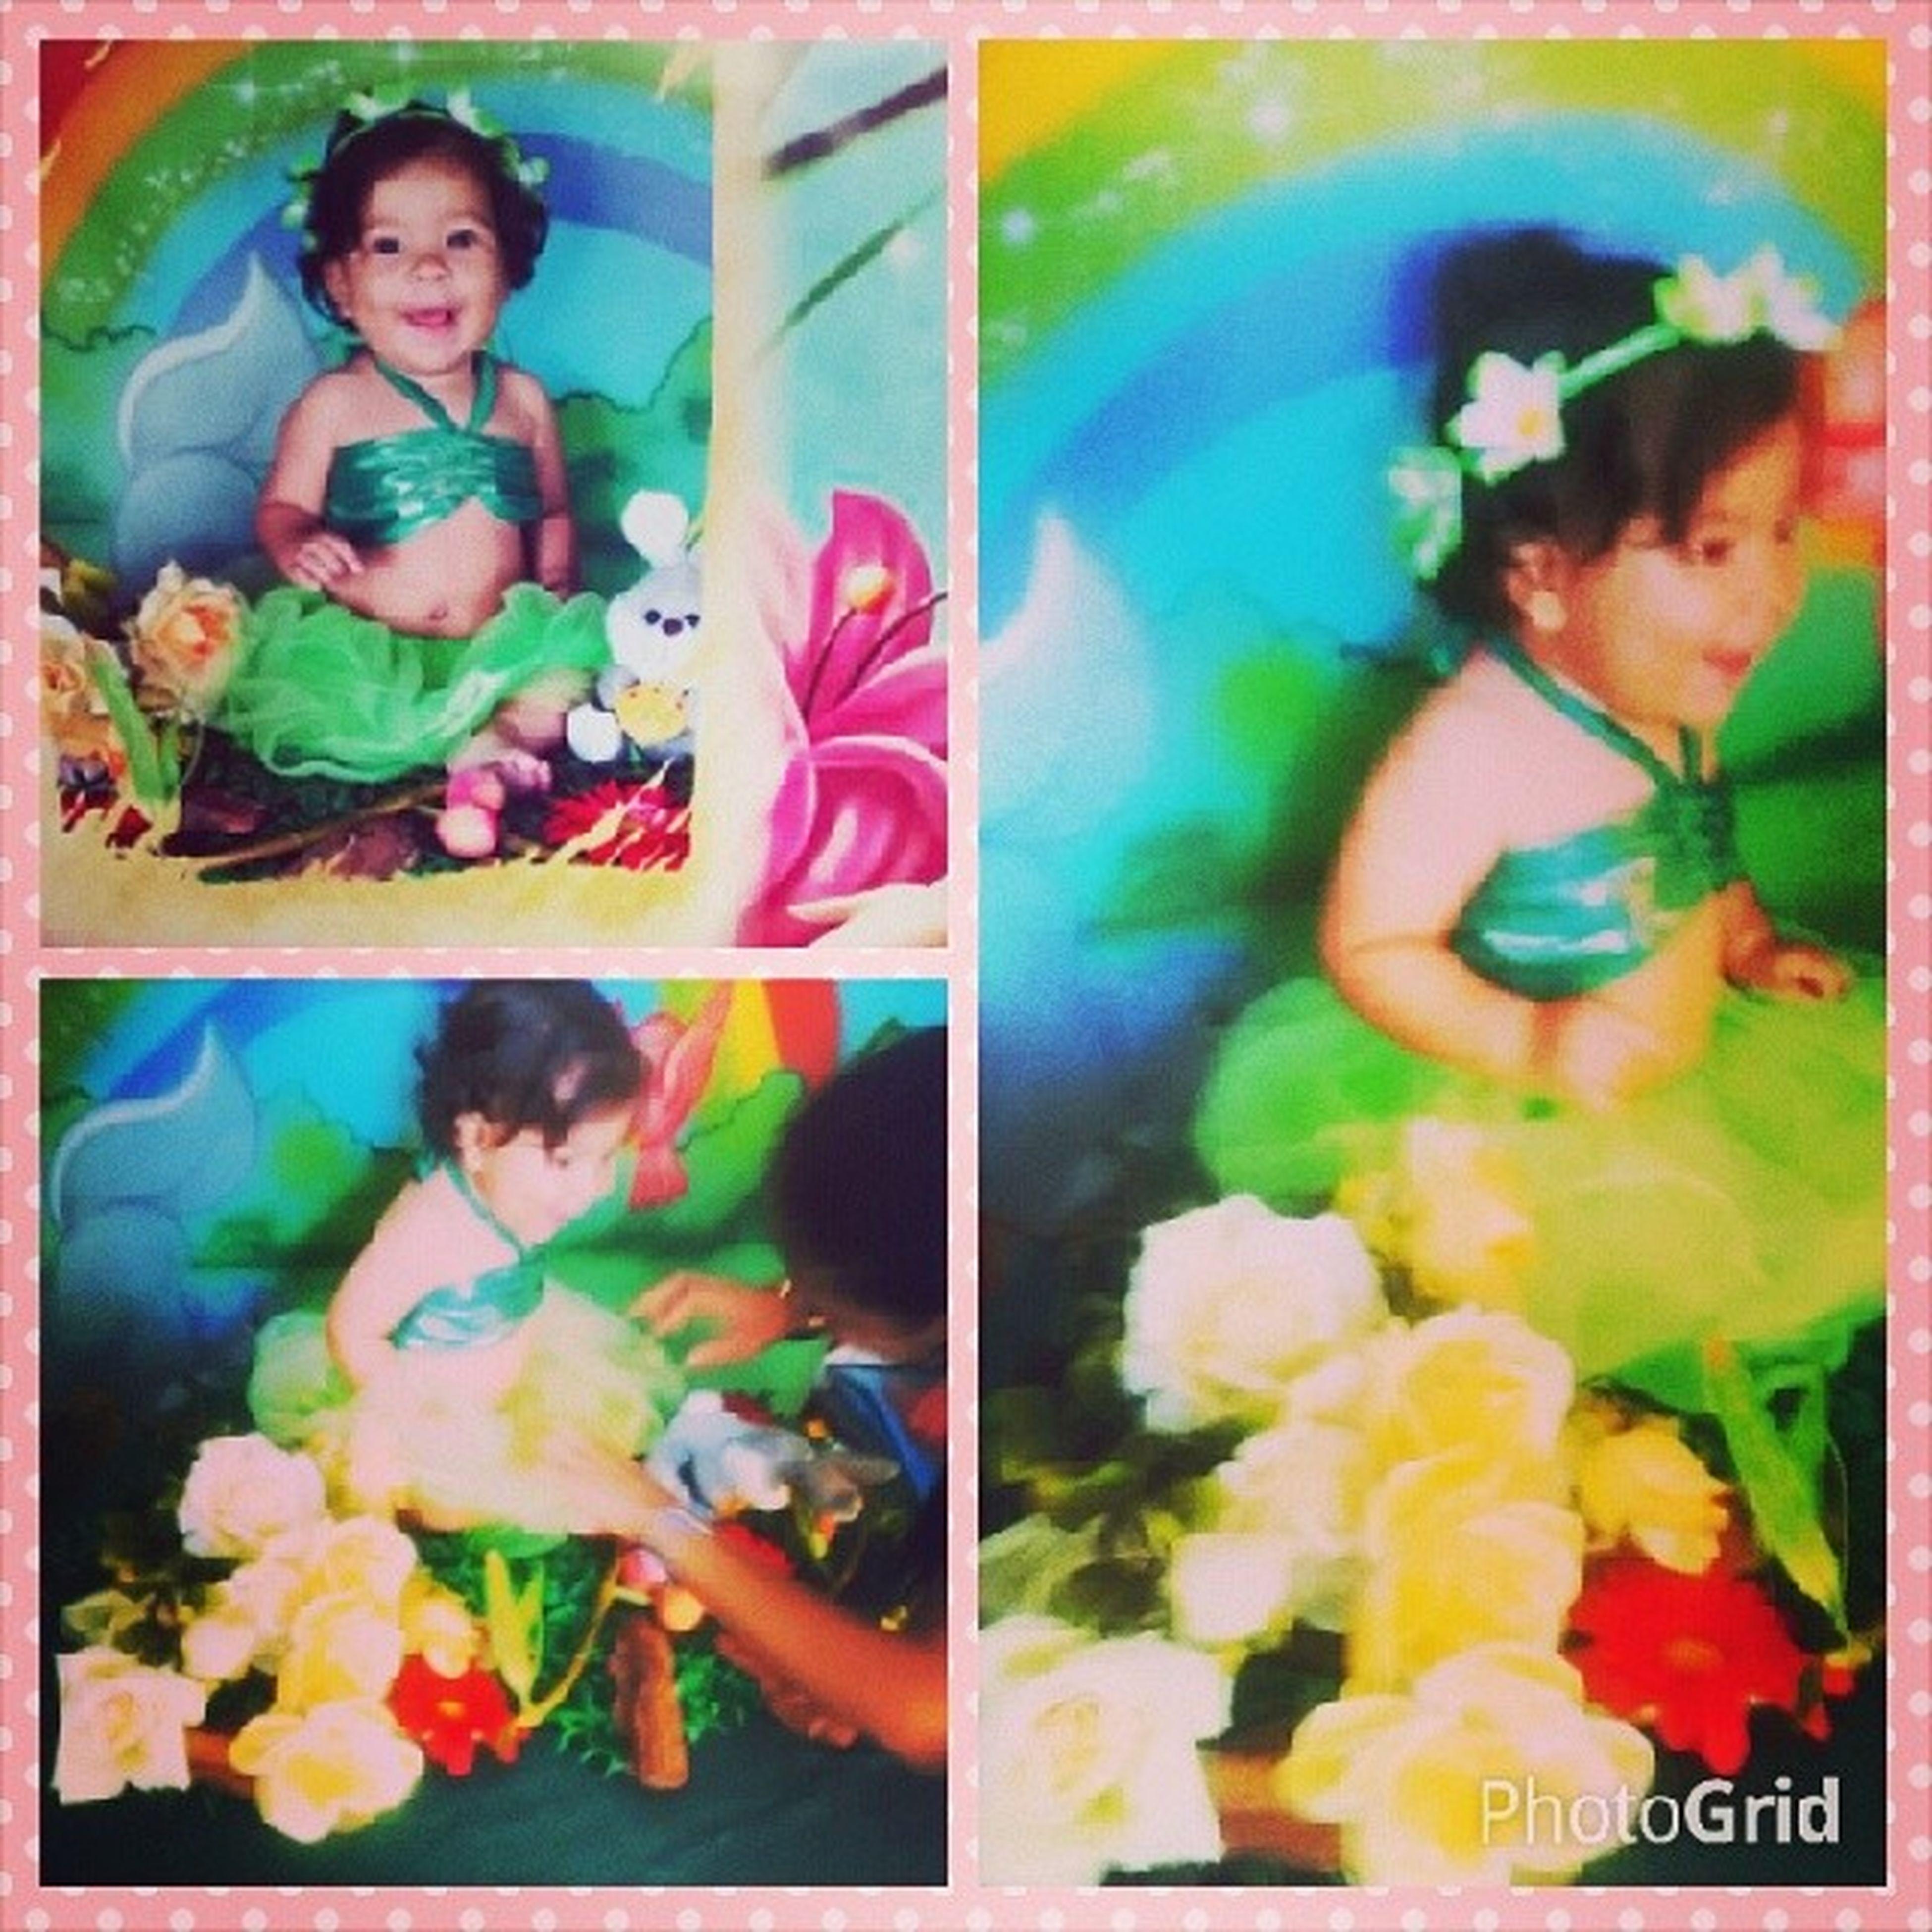 Princesa lindaaaa! ?????? Photo Fadinha Linda Minhavida amei demais